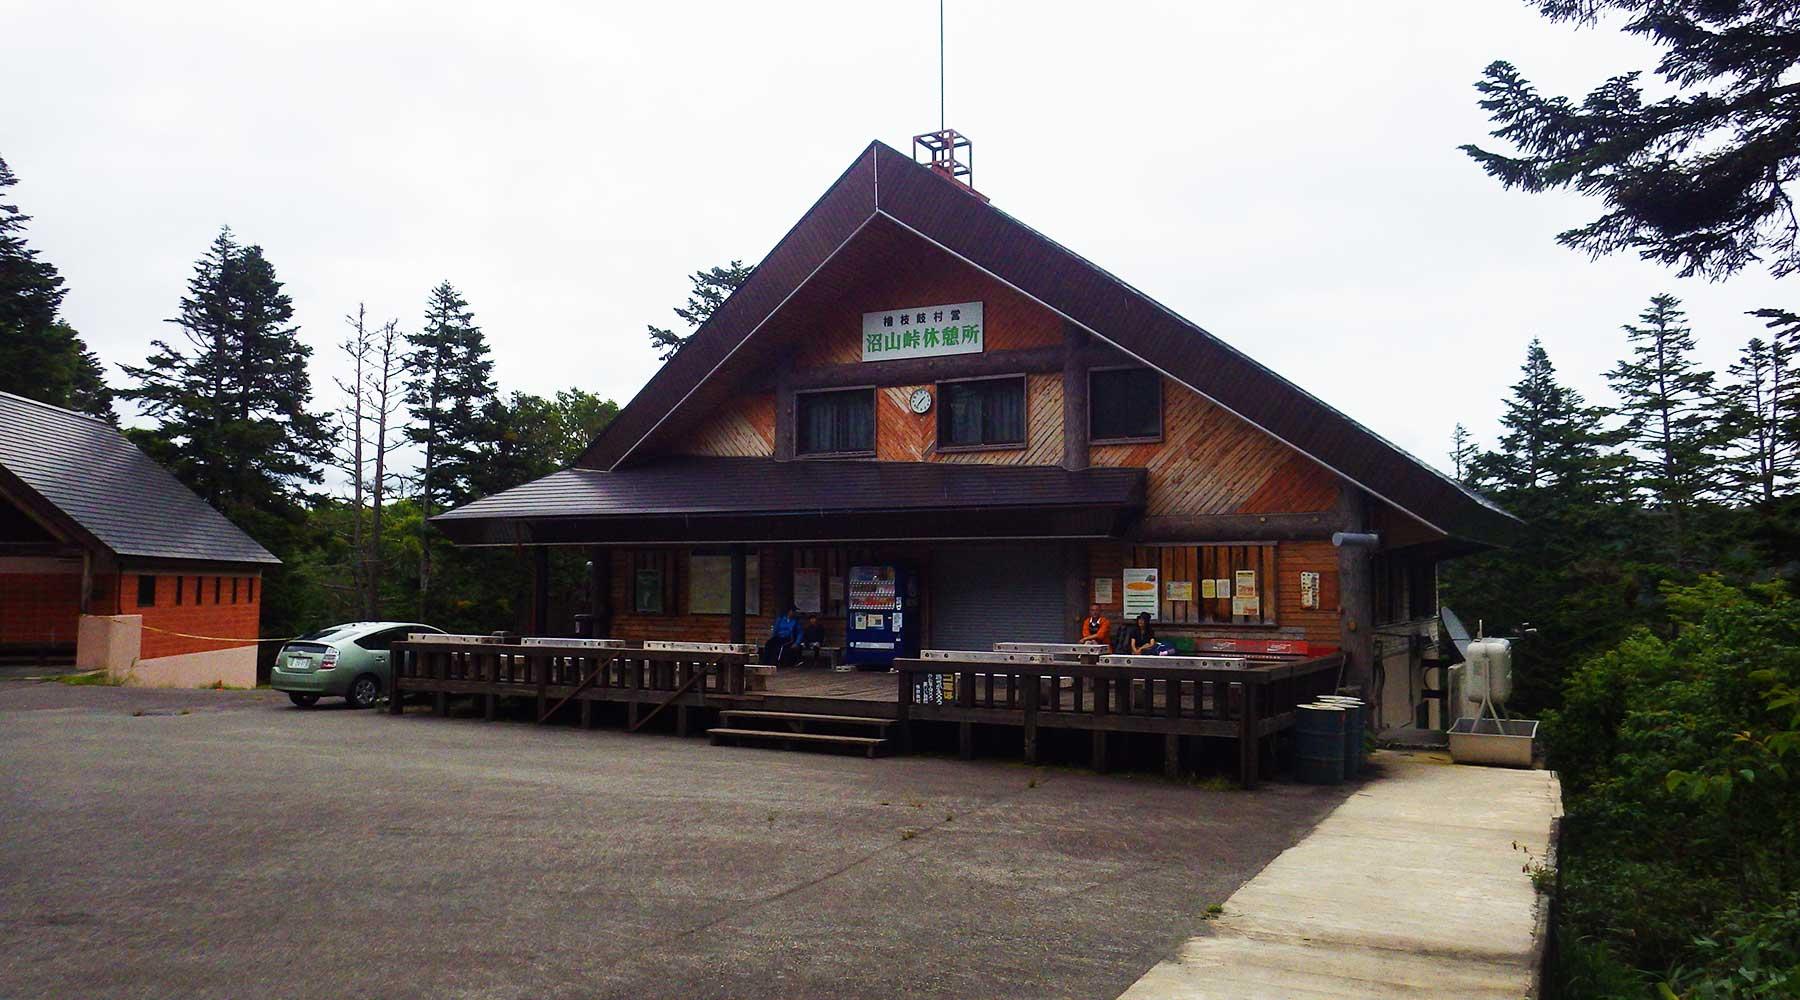 沼山峠休憩所とトイレ